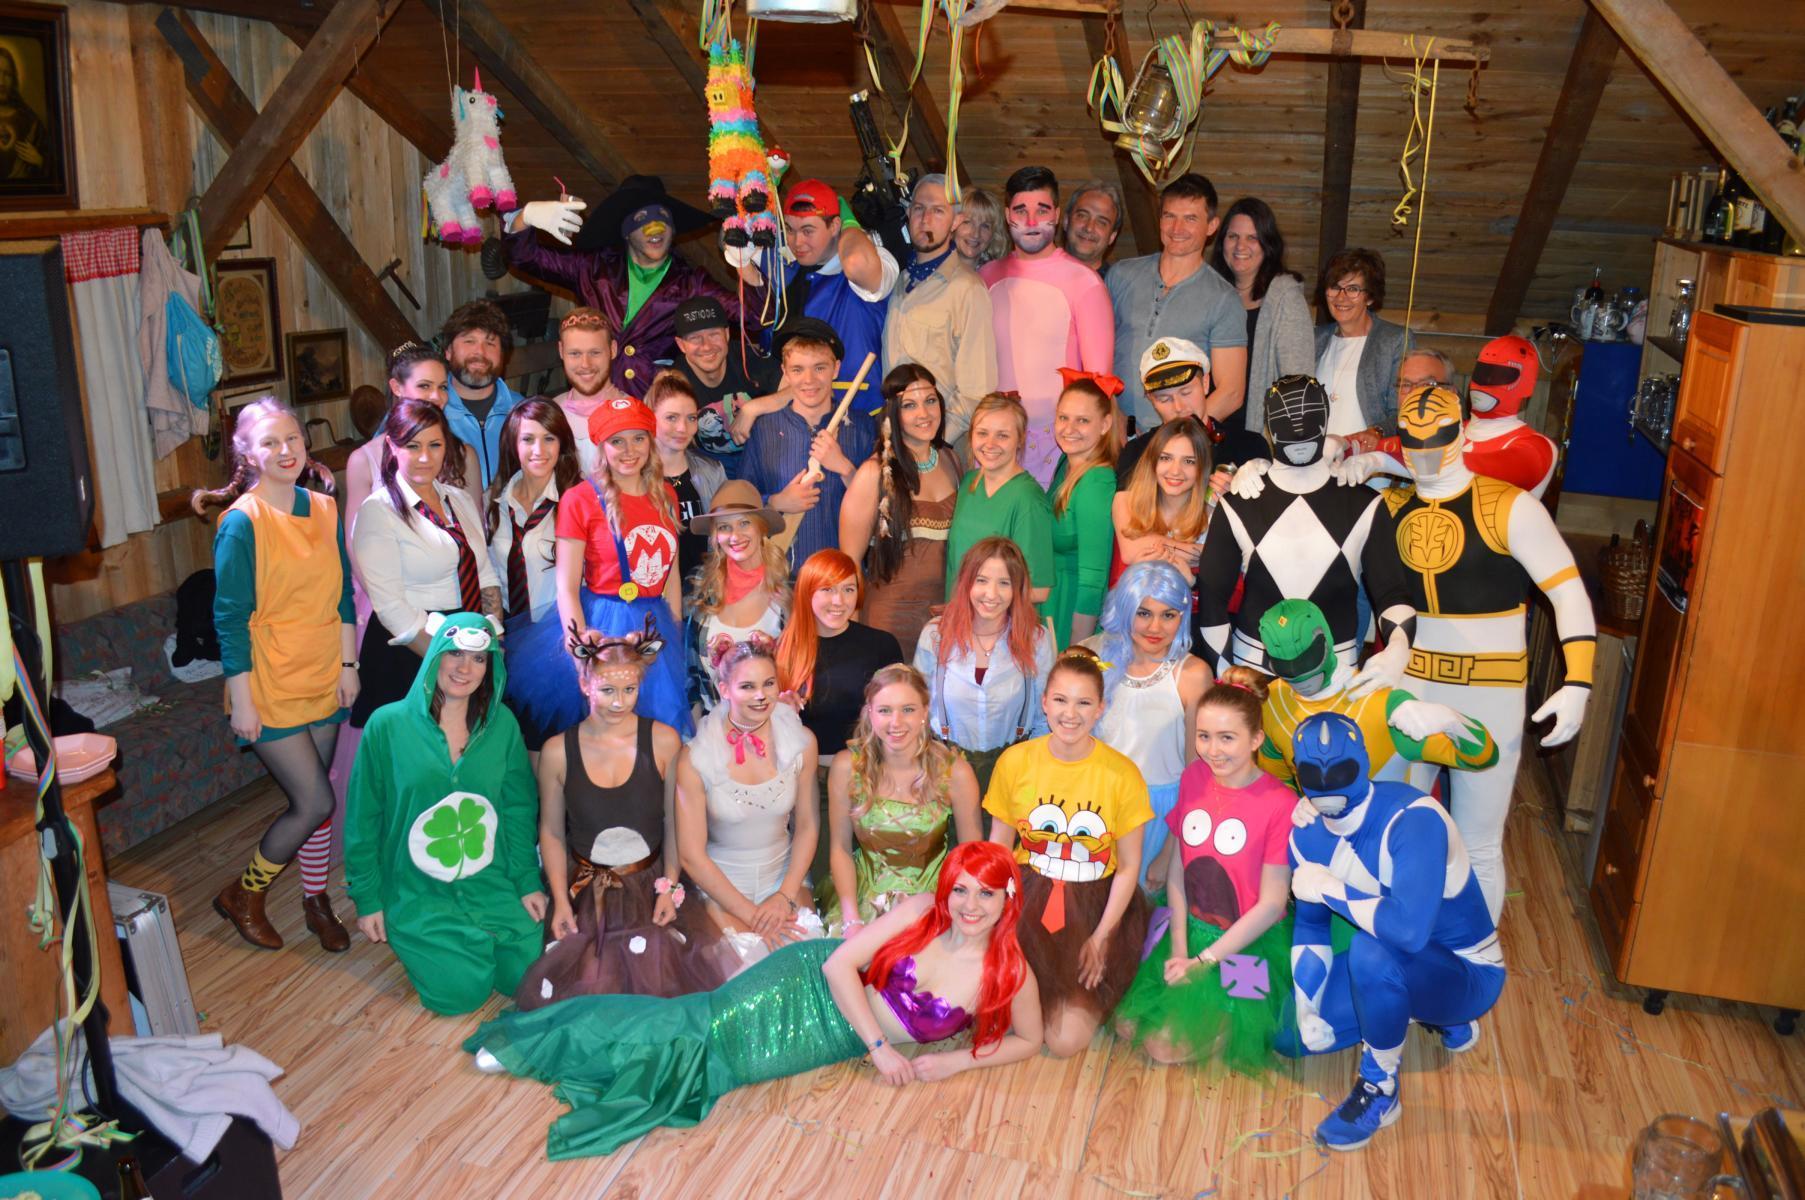 Helden Der Kindheit Der Kindergeburtstag Der Members Members Of Dance